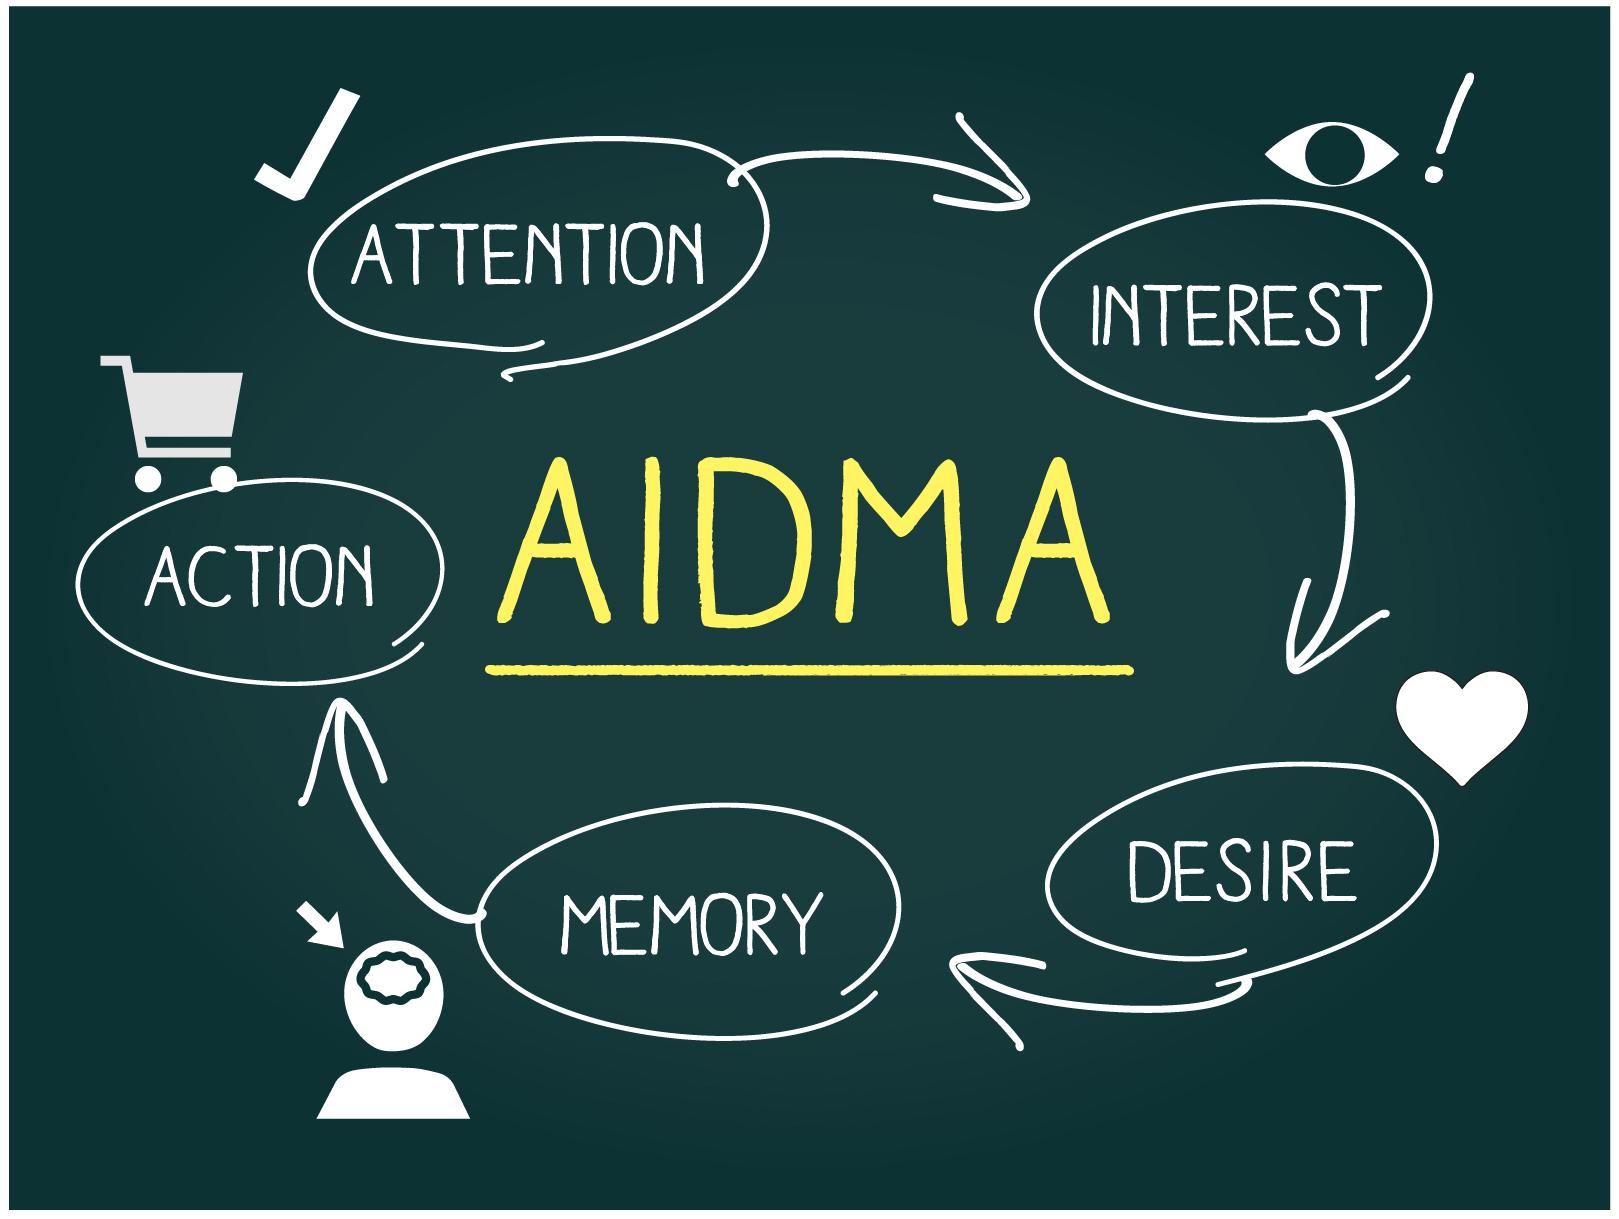 【販売促進】AIDMAモデルでお客様の購買意欲を逃さない!売上アップのためのアピール方法